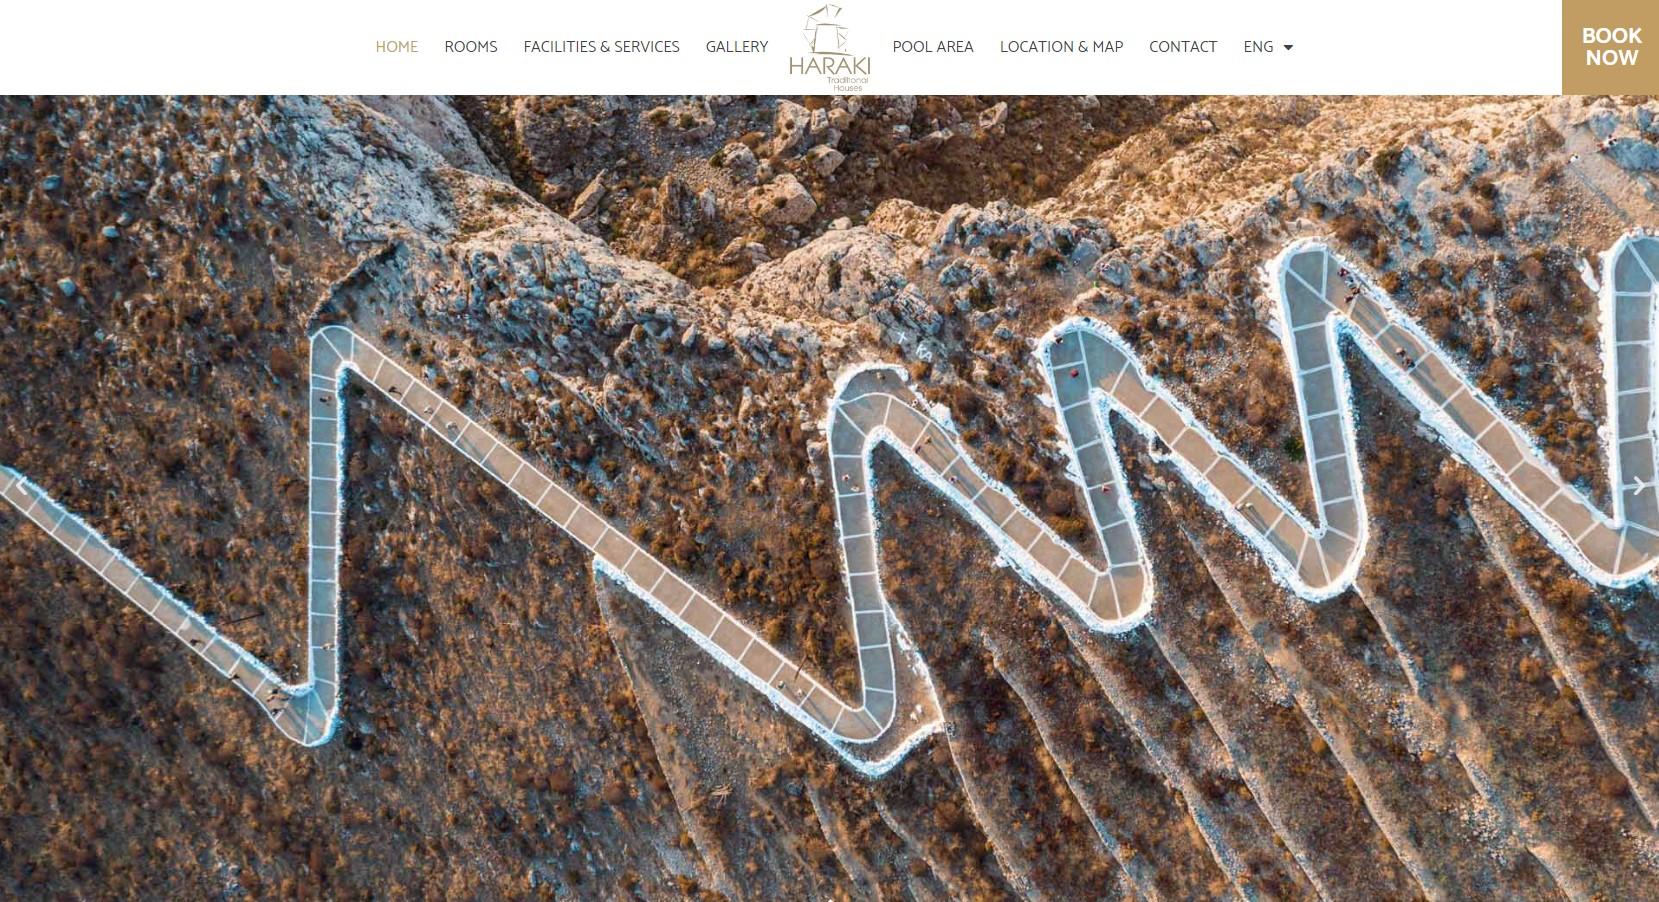 Κατασκευή ιστοσελίδας | Συγκρότημα παραδοσιακών κατοικιών